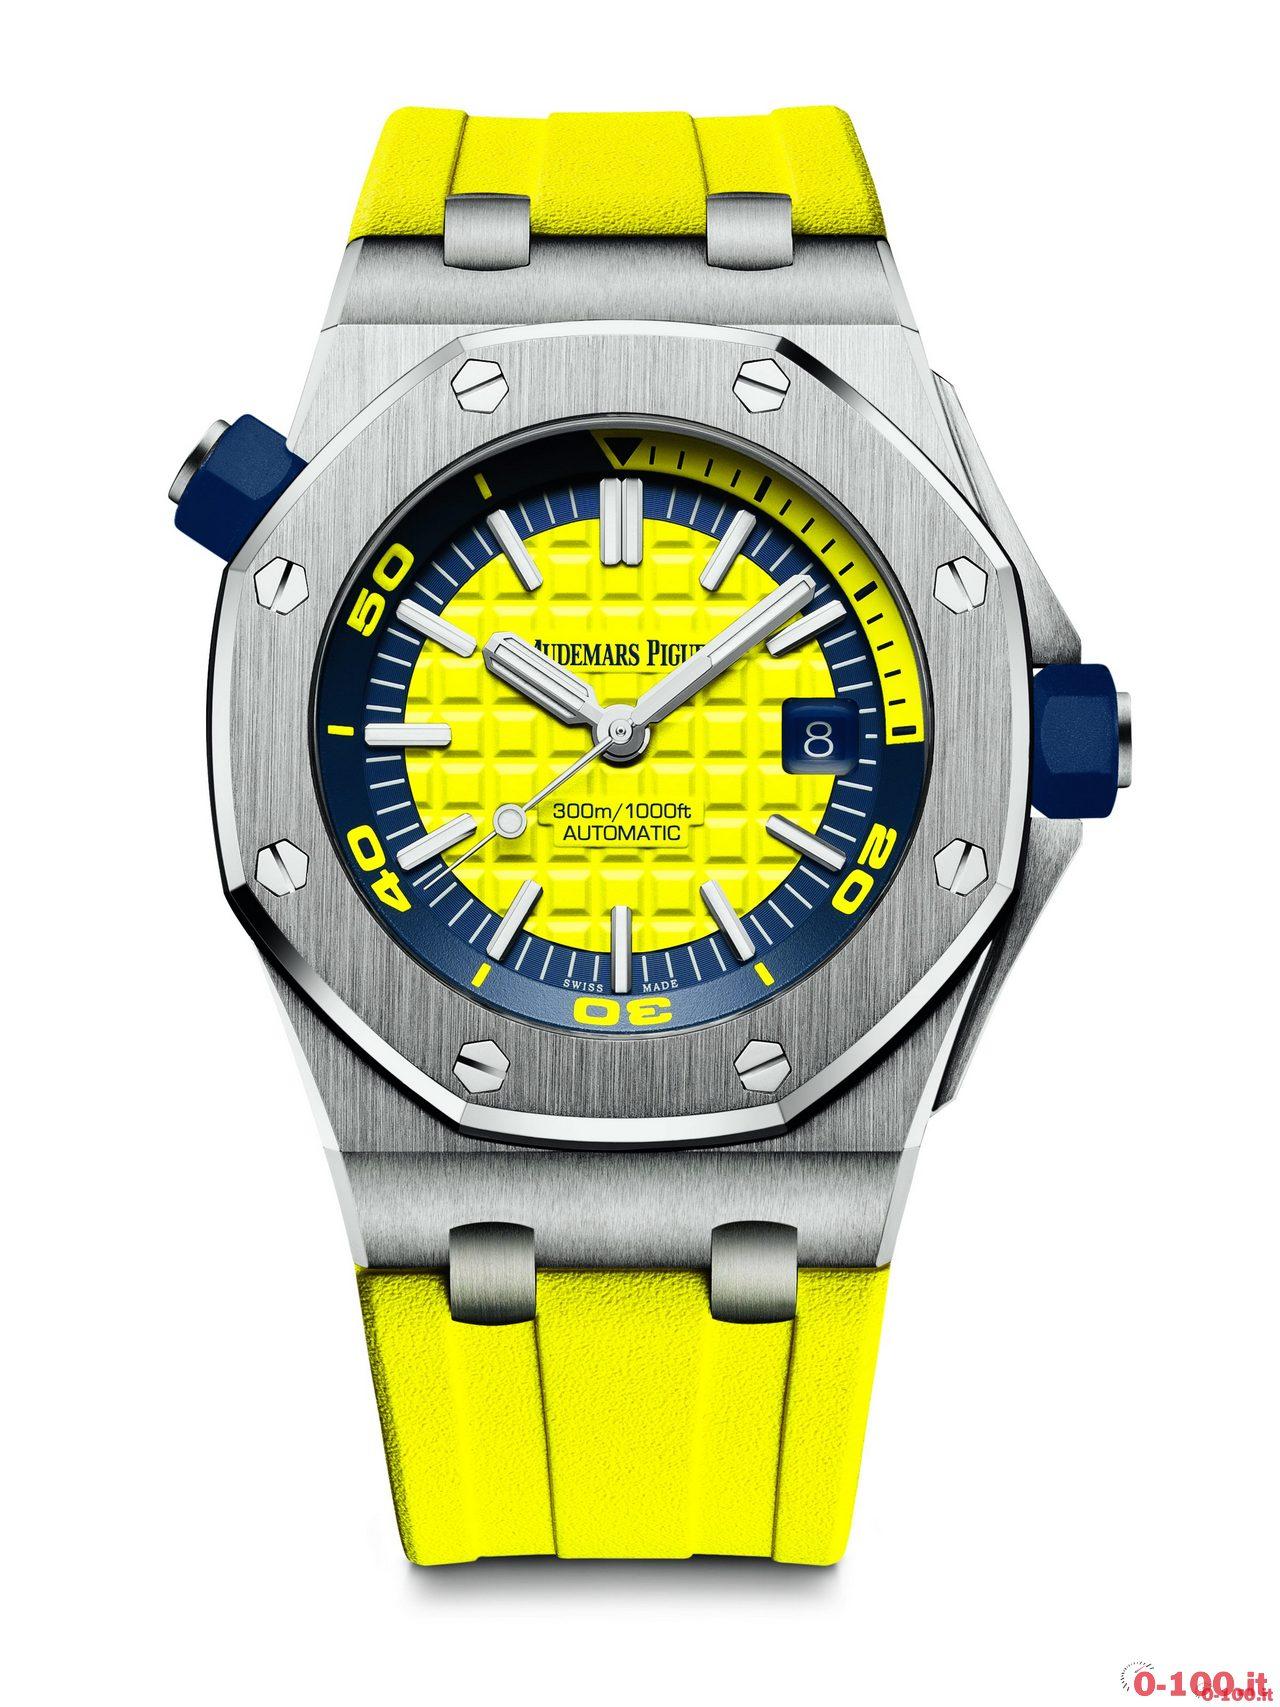 sihh_2017_audemars-piguet-royal-oak-offshore-diver-prezzi-price_0-10011